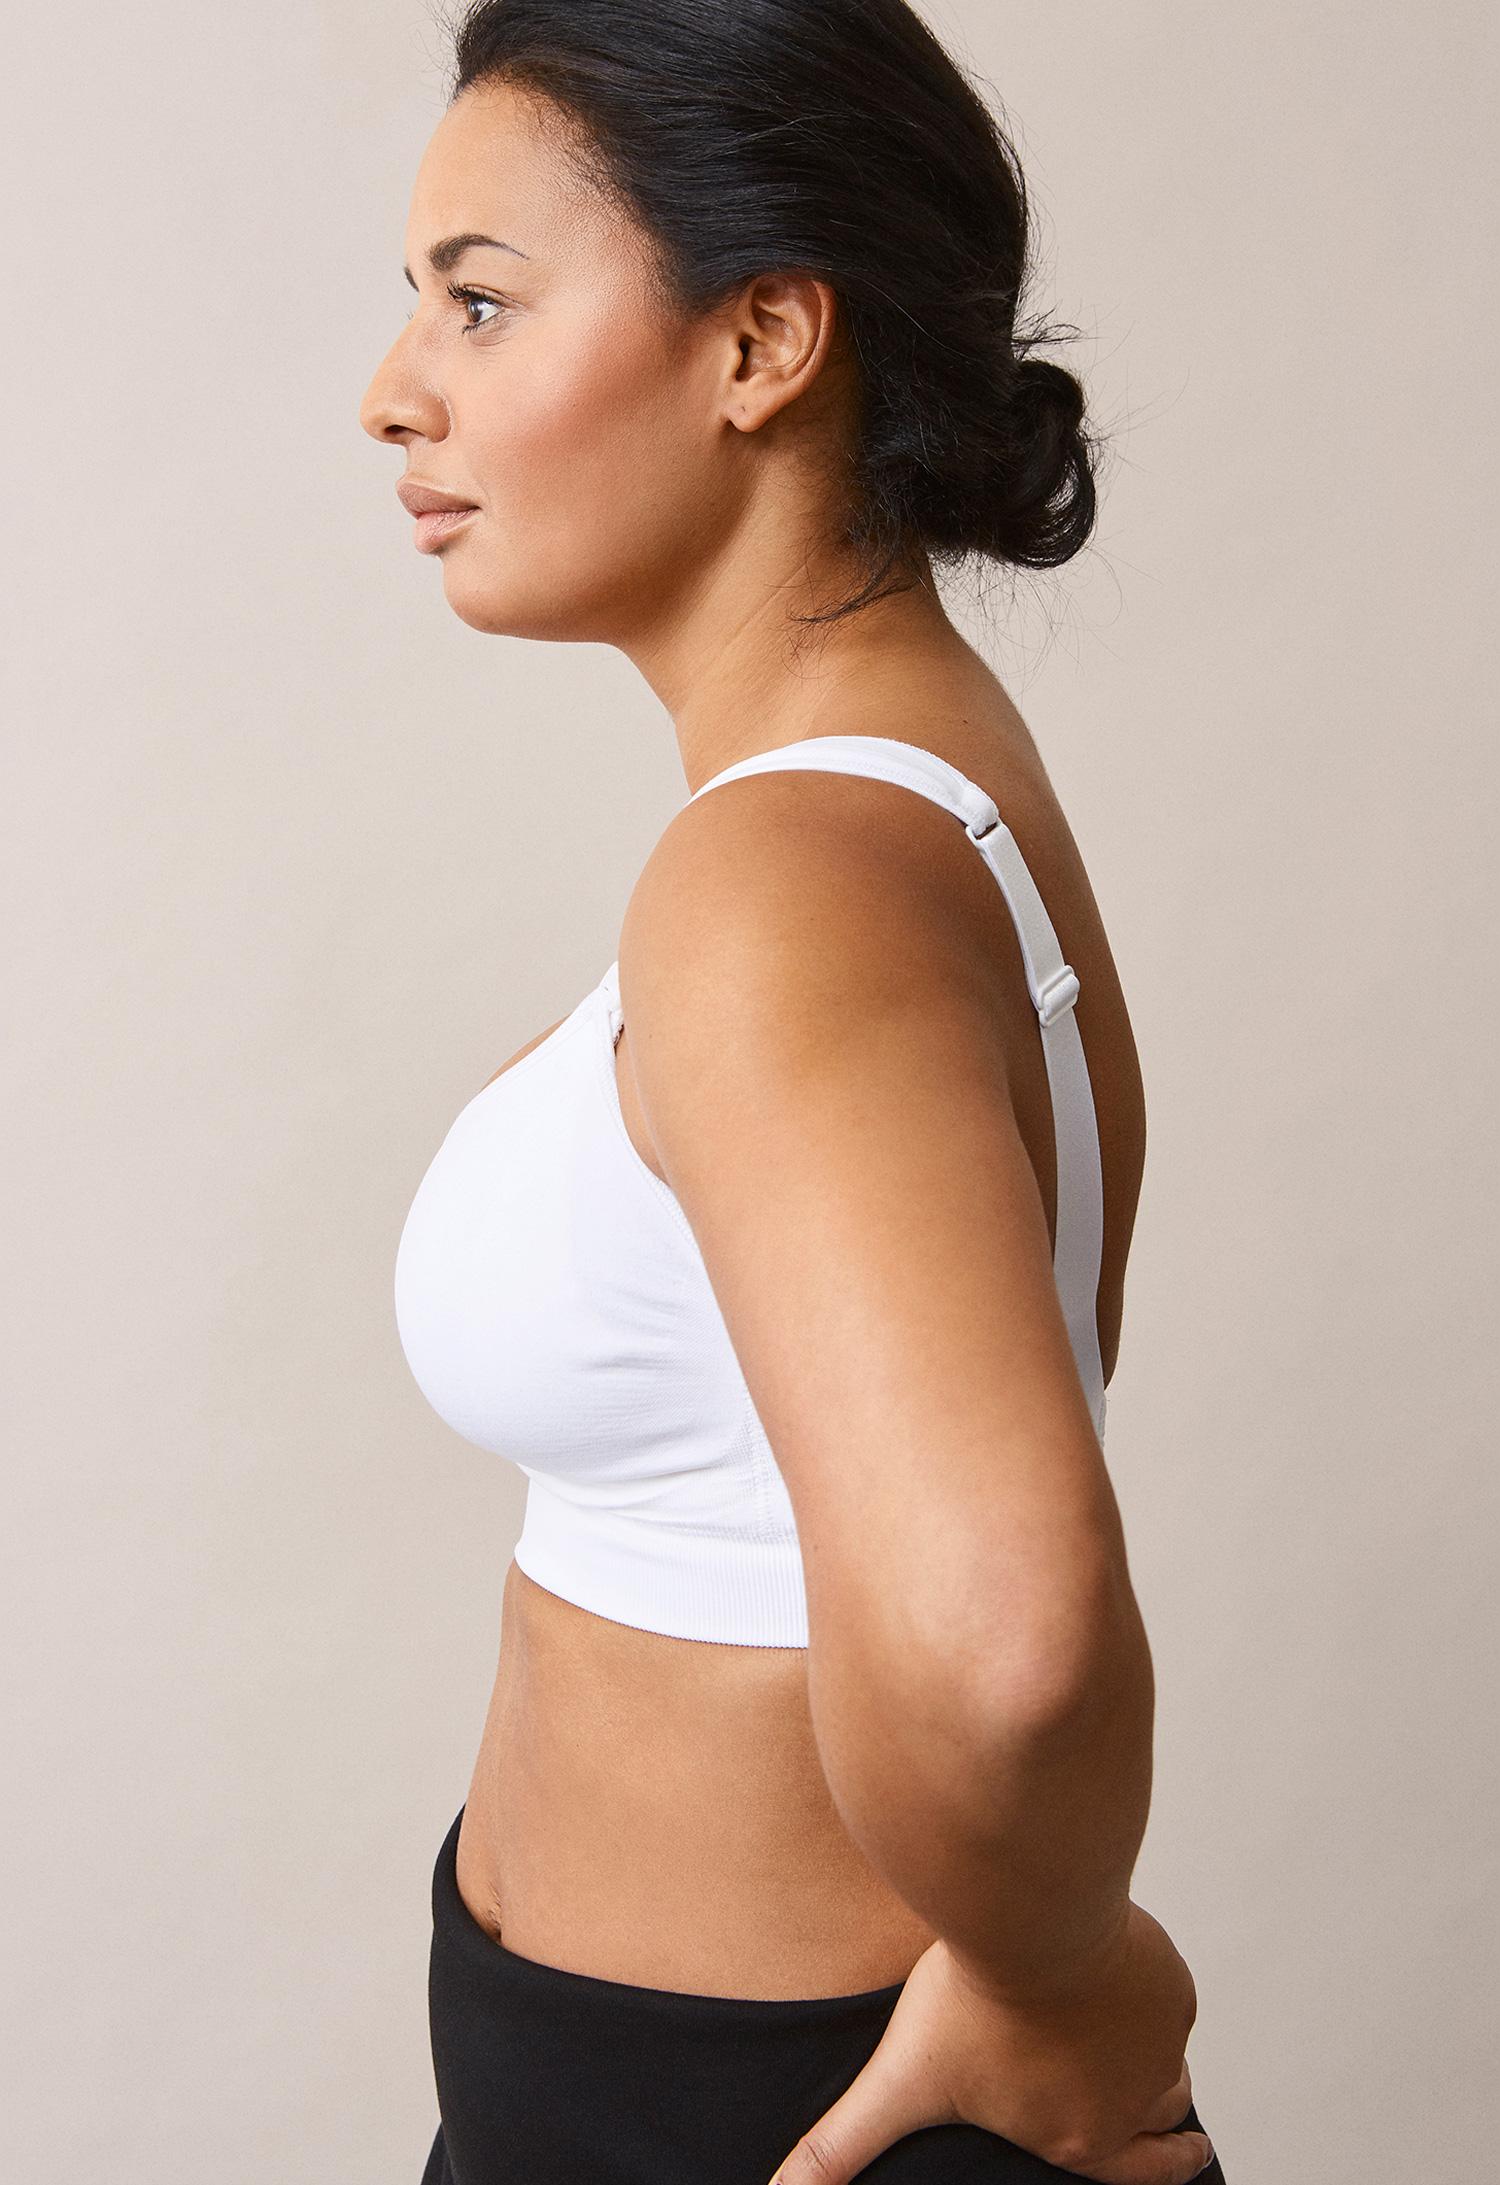 FF bra/Elevate (2) - Maternity underwear / Nursing underwear